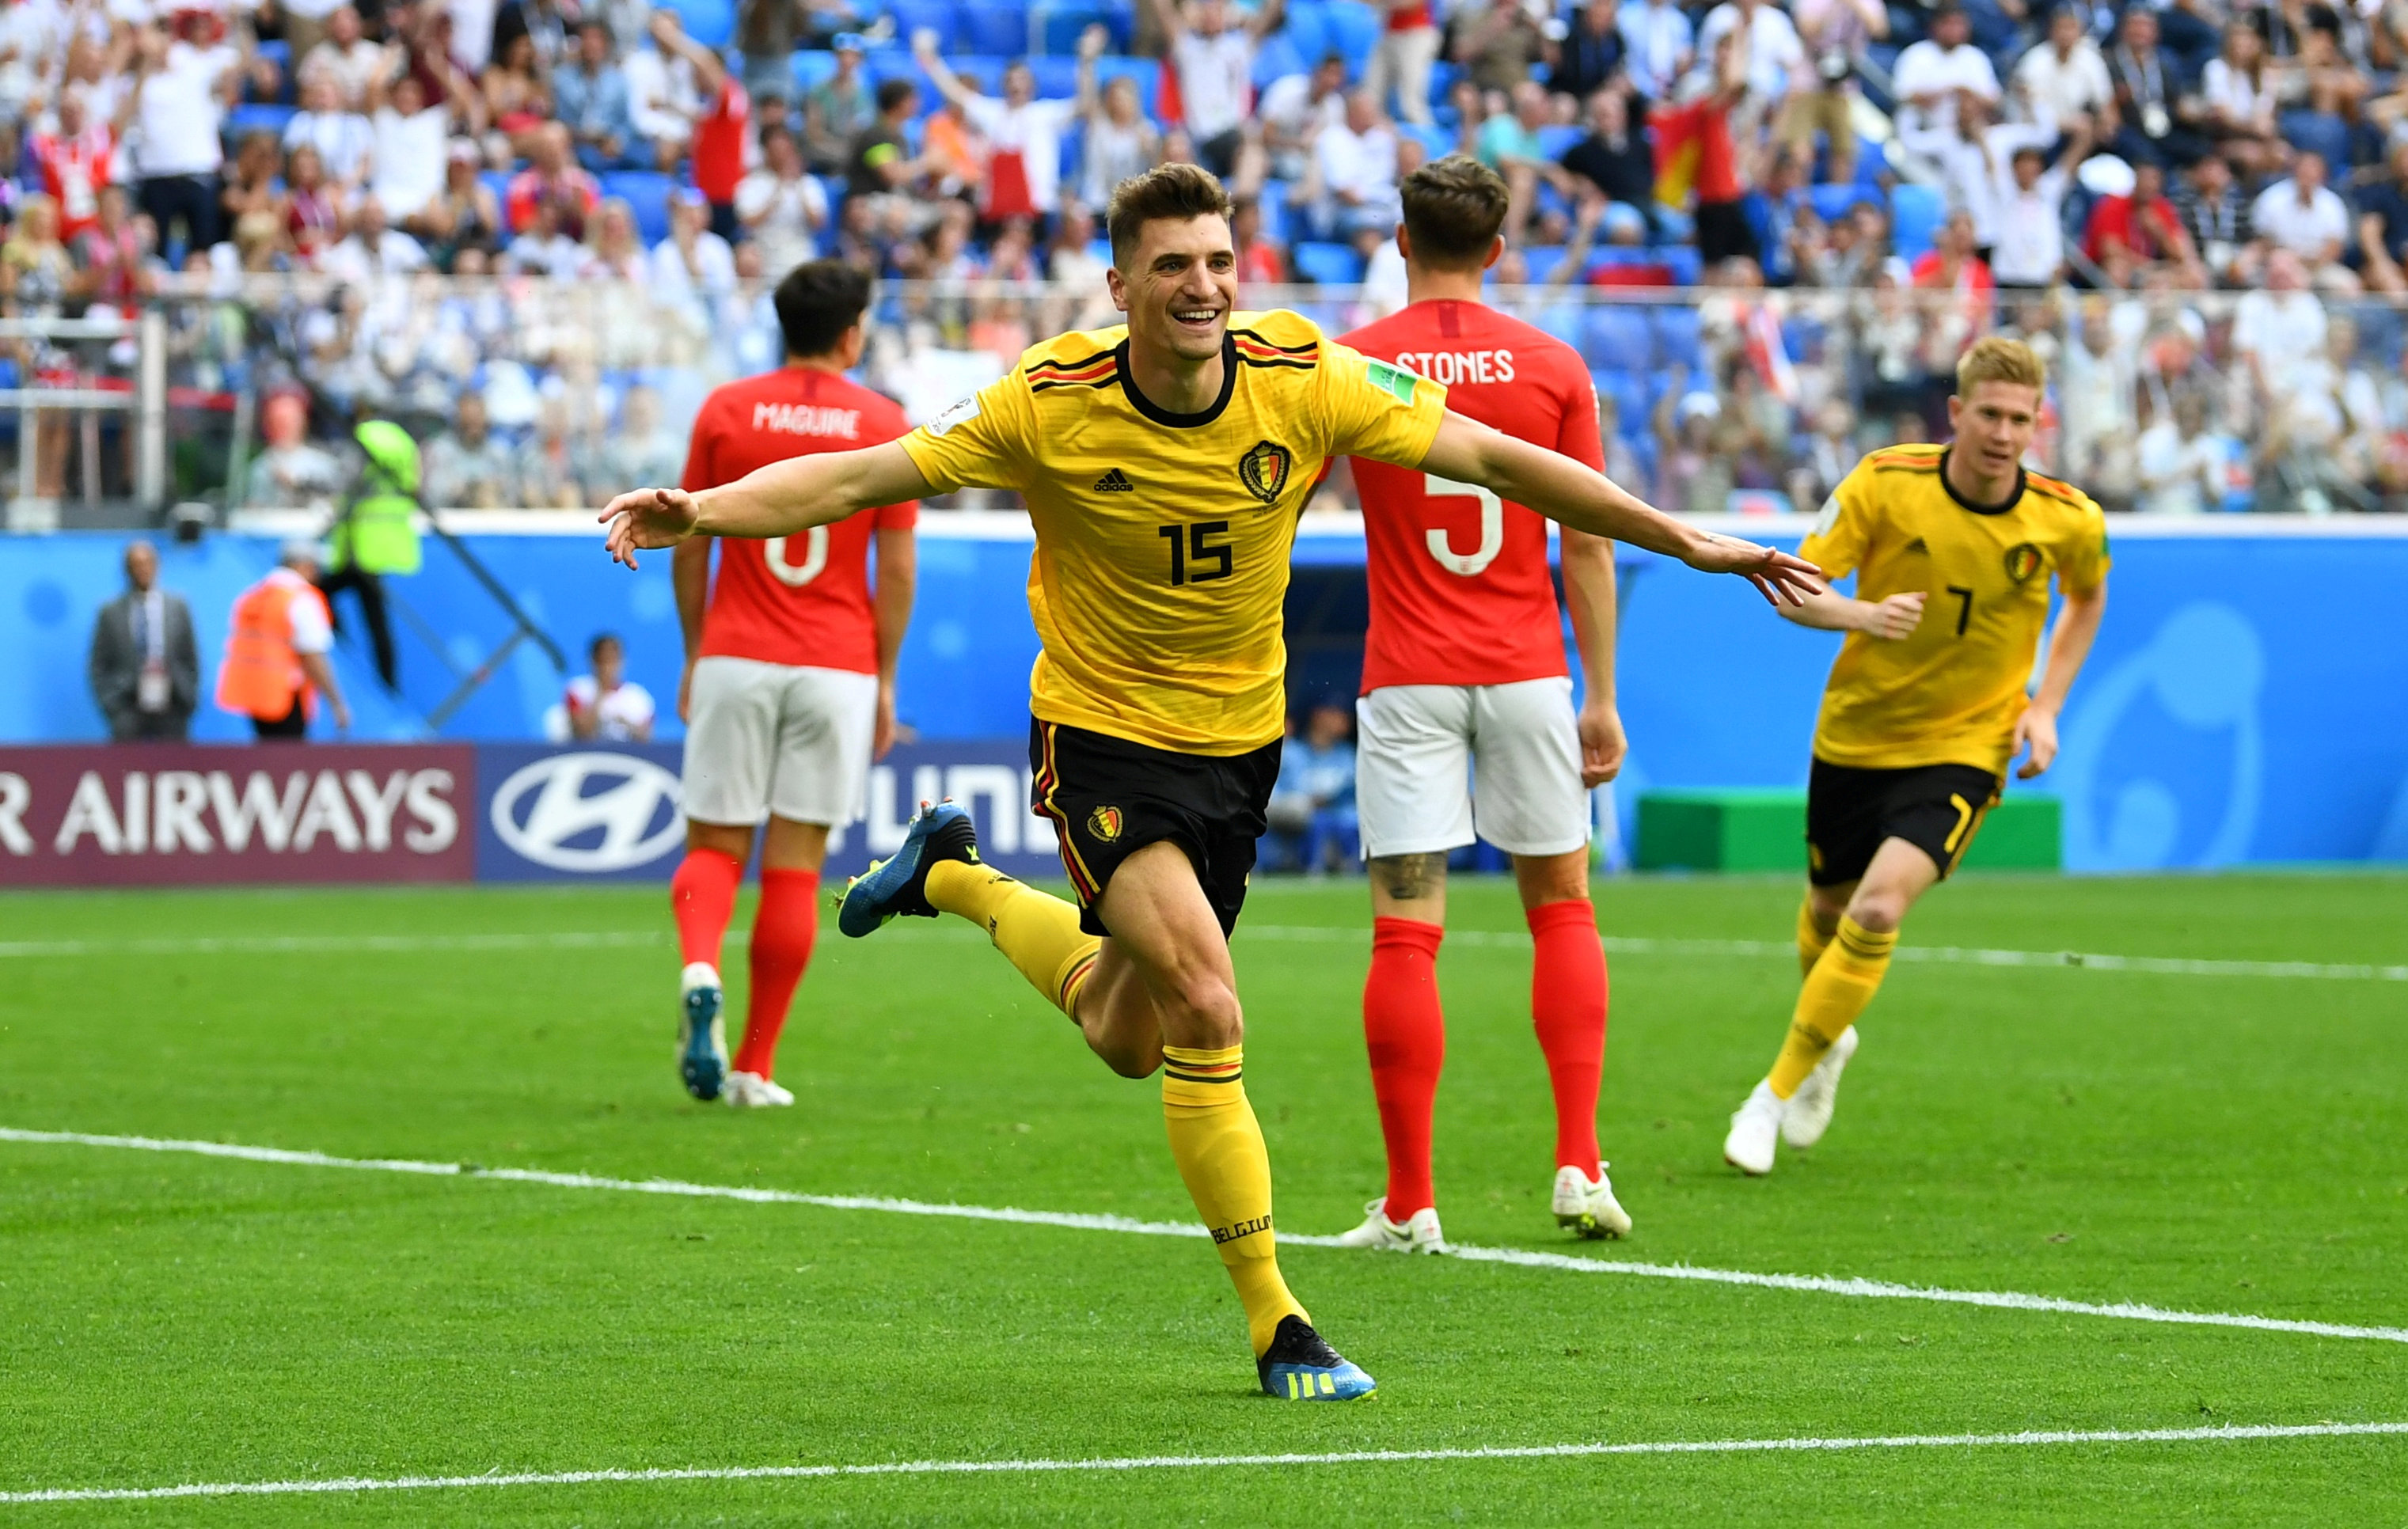 Прогноз на матч Англия - Бельгия: голов будет забито меньше трех